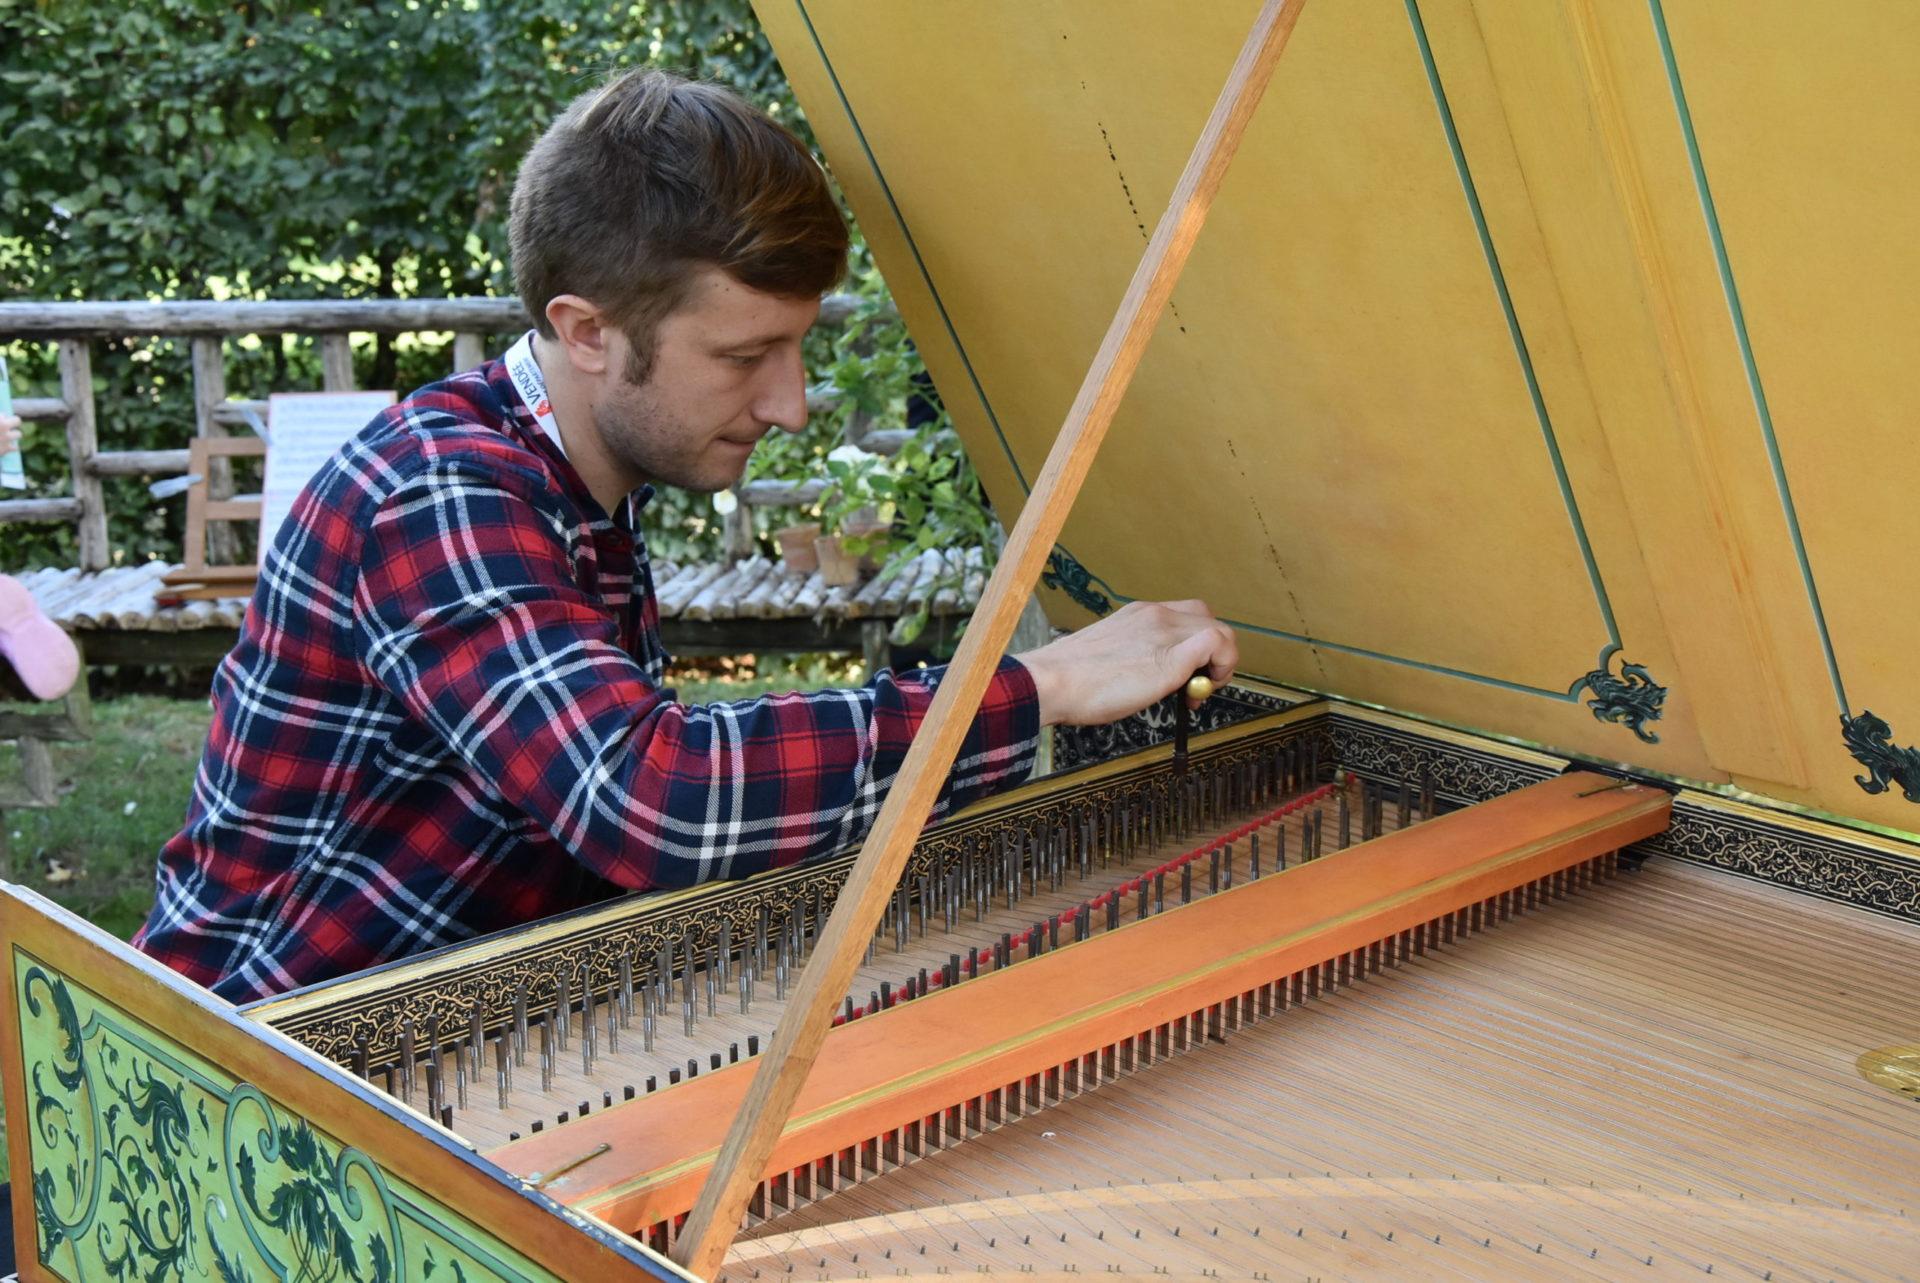 Journées Européennes des Métiers d'Art : Thibault Guilmin, le Normand qui réinvente le clavecin